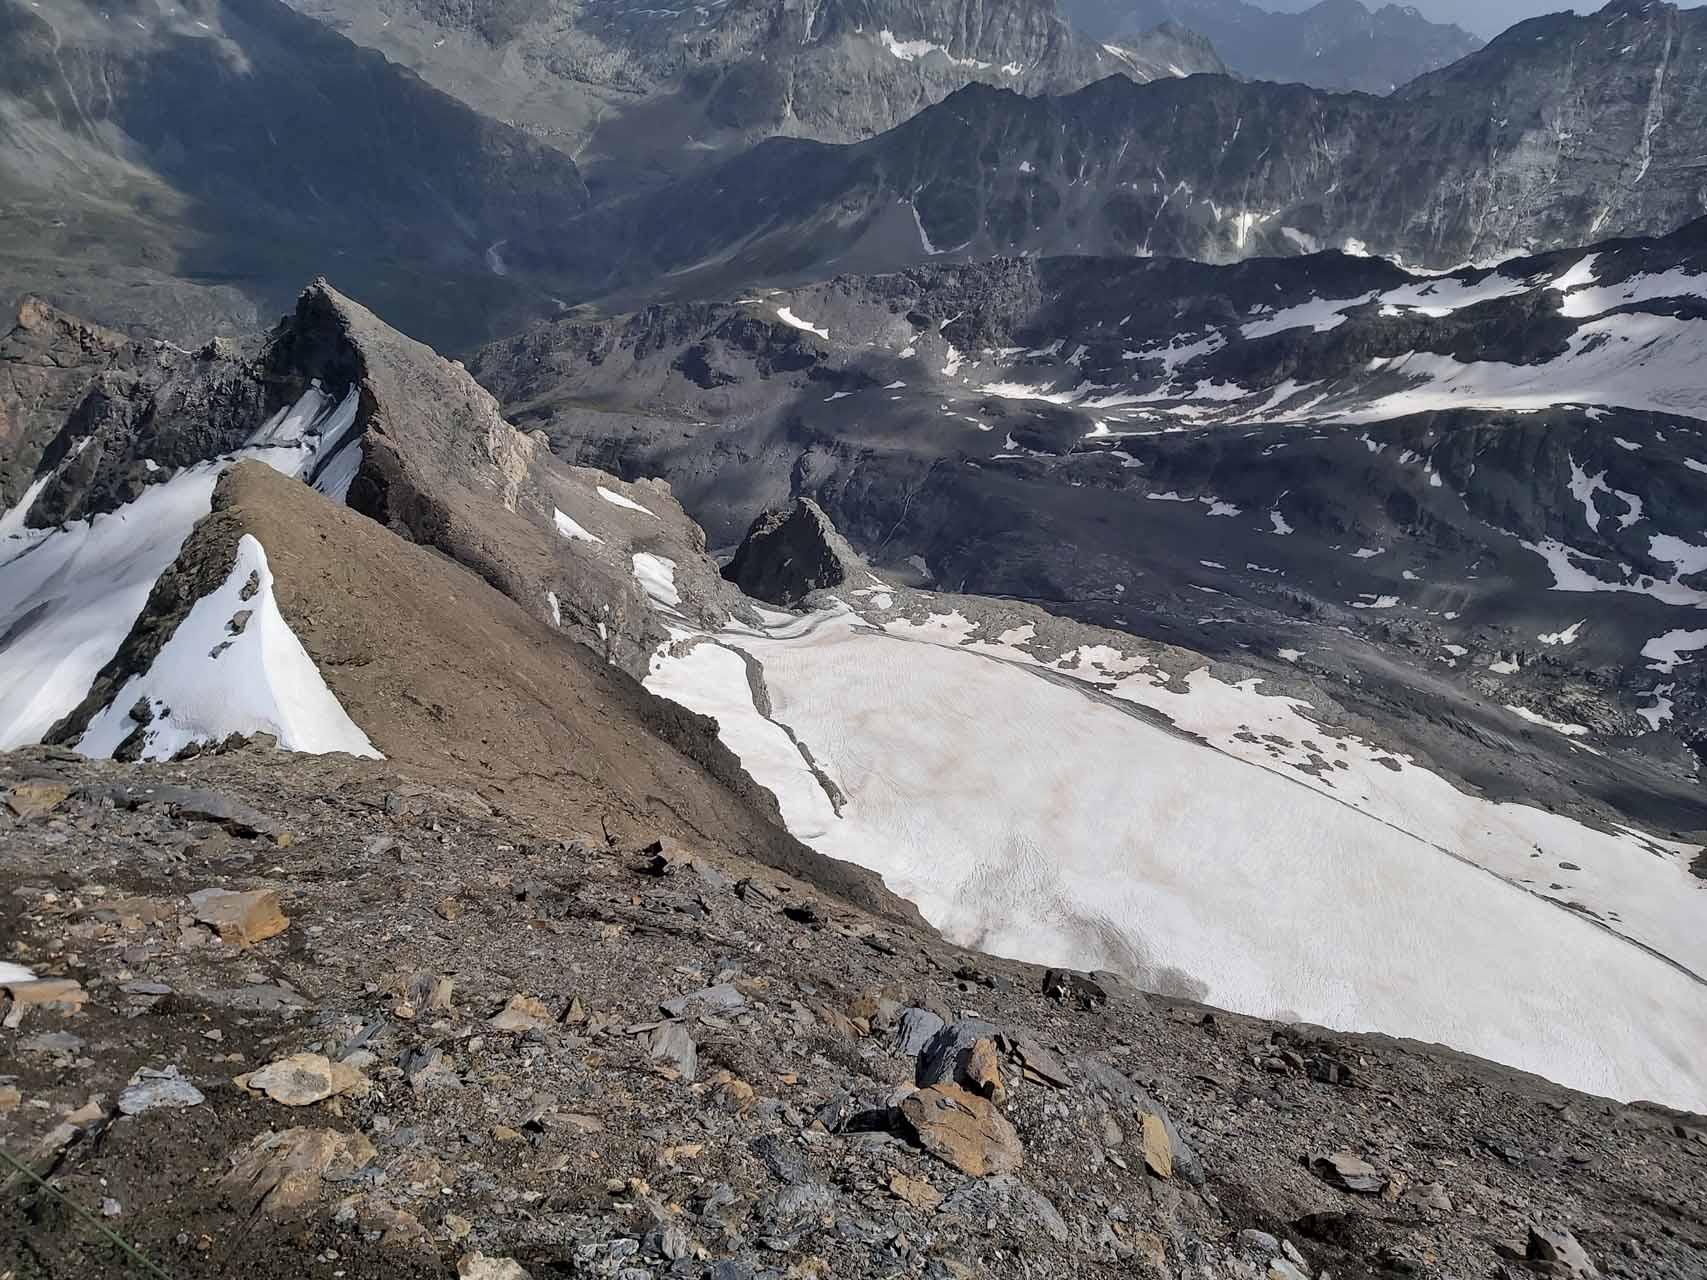 Über die Schuttflanke hinab zum Glacier de Boussine